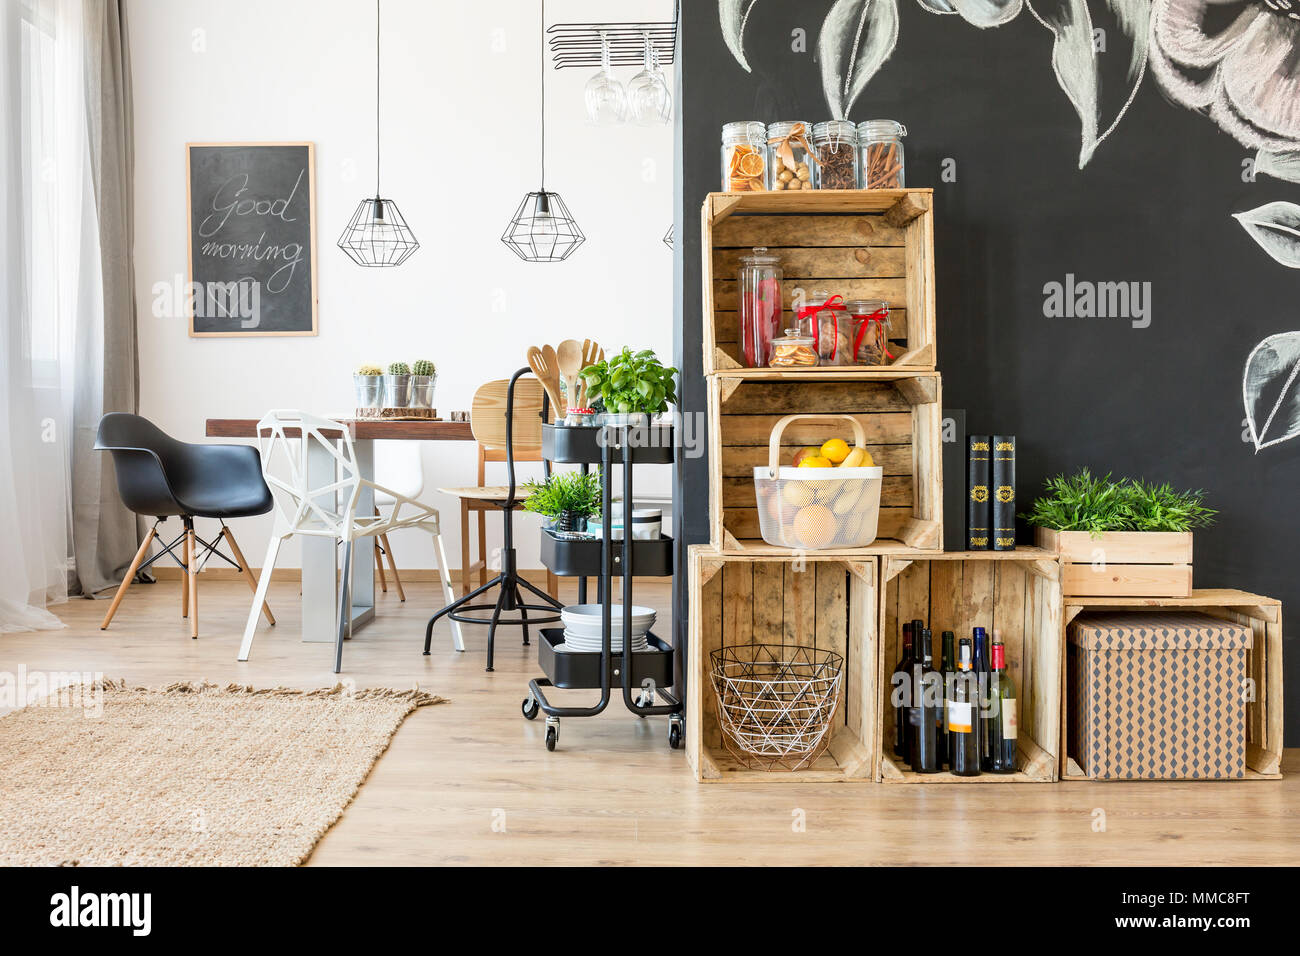 Diy Mesa Comedor.Interior Con Mesa De Comedor Y Diy Crate Estantes Foto